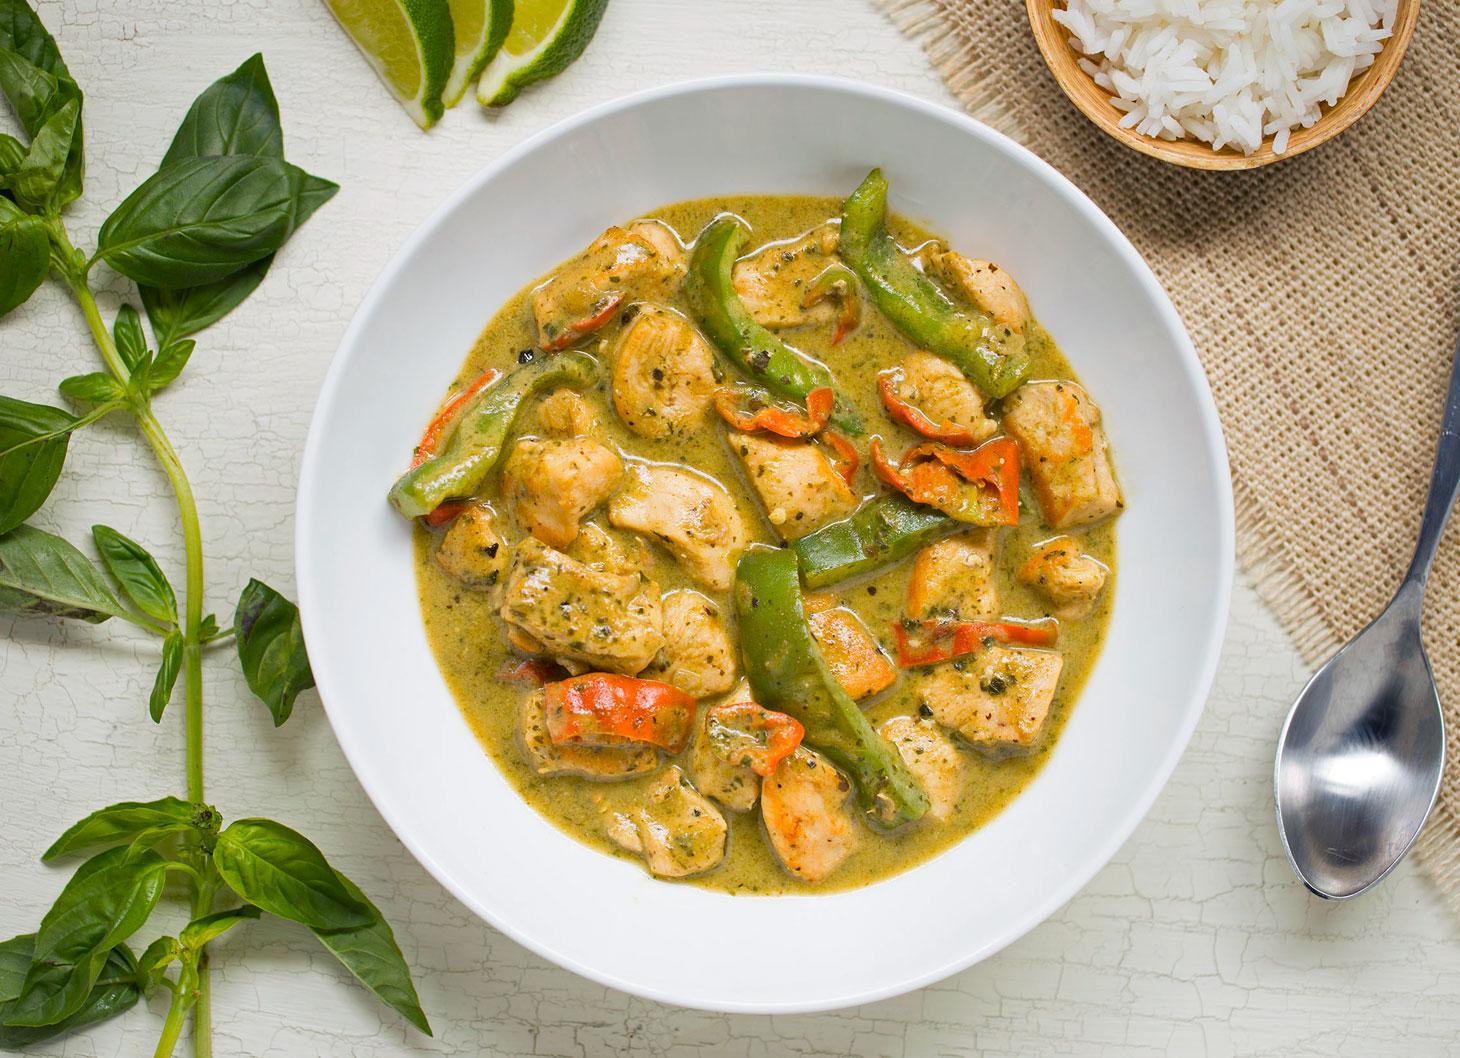 h534-green-curry-chicken.jpg